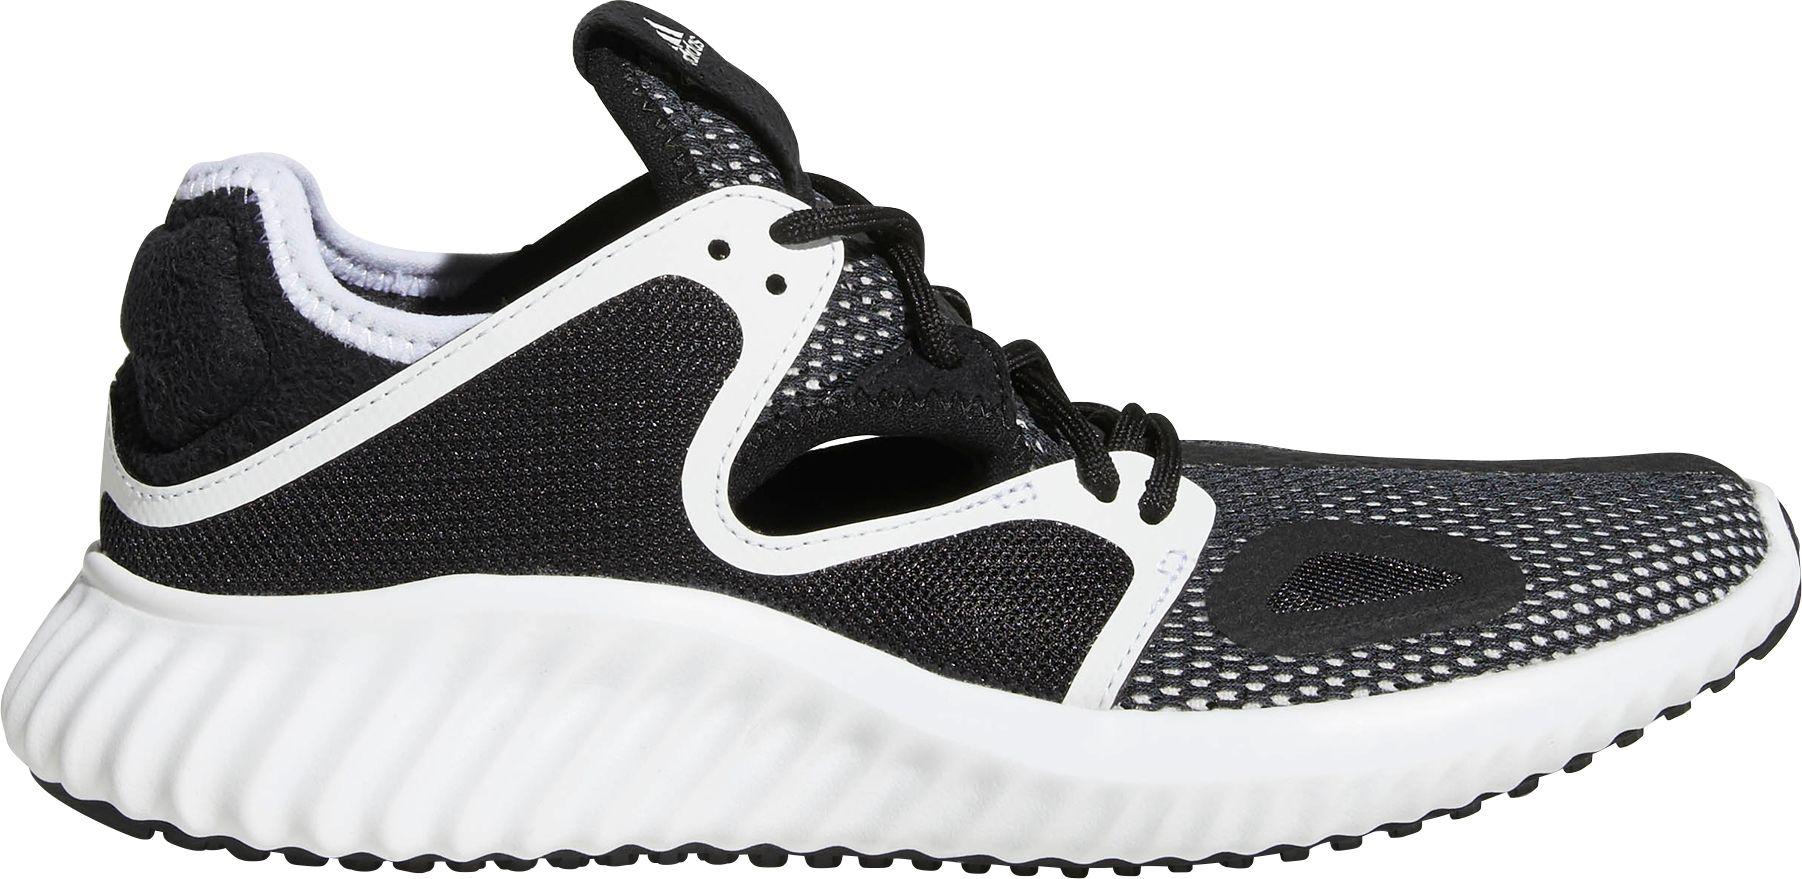 adidas donne in fuga lux clima di scarpe da corsa, dick articoli sportivi